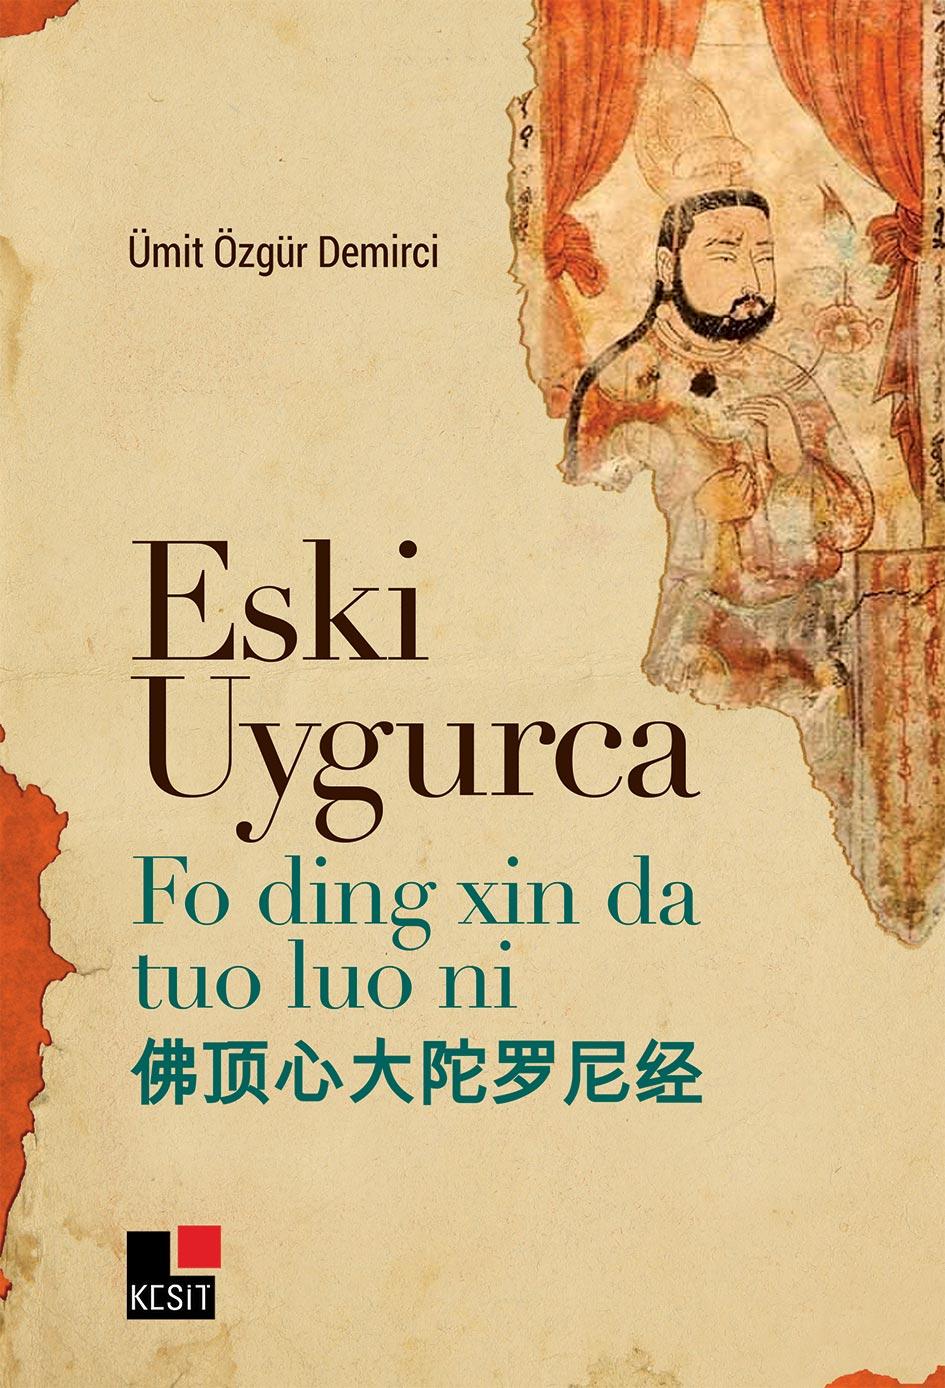 Eski Uygurca Fo ding xin da tou lou ni